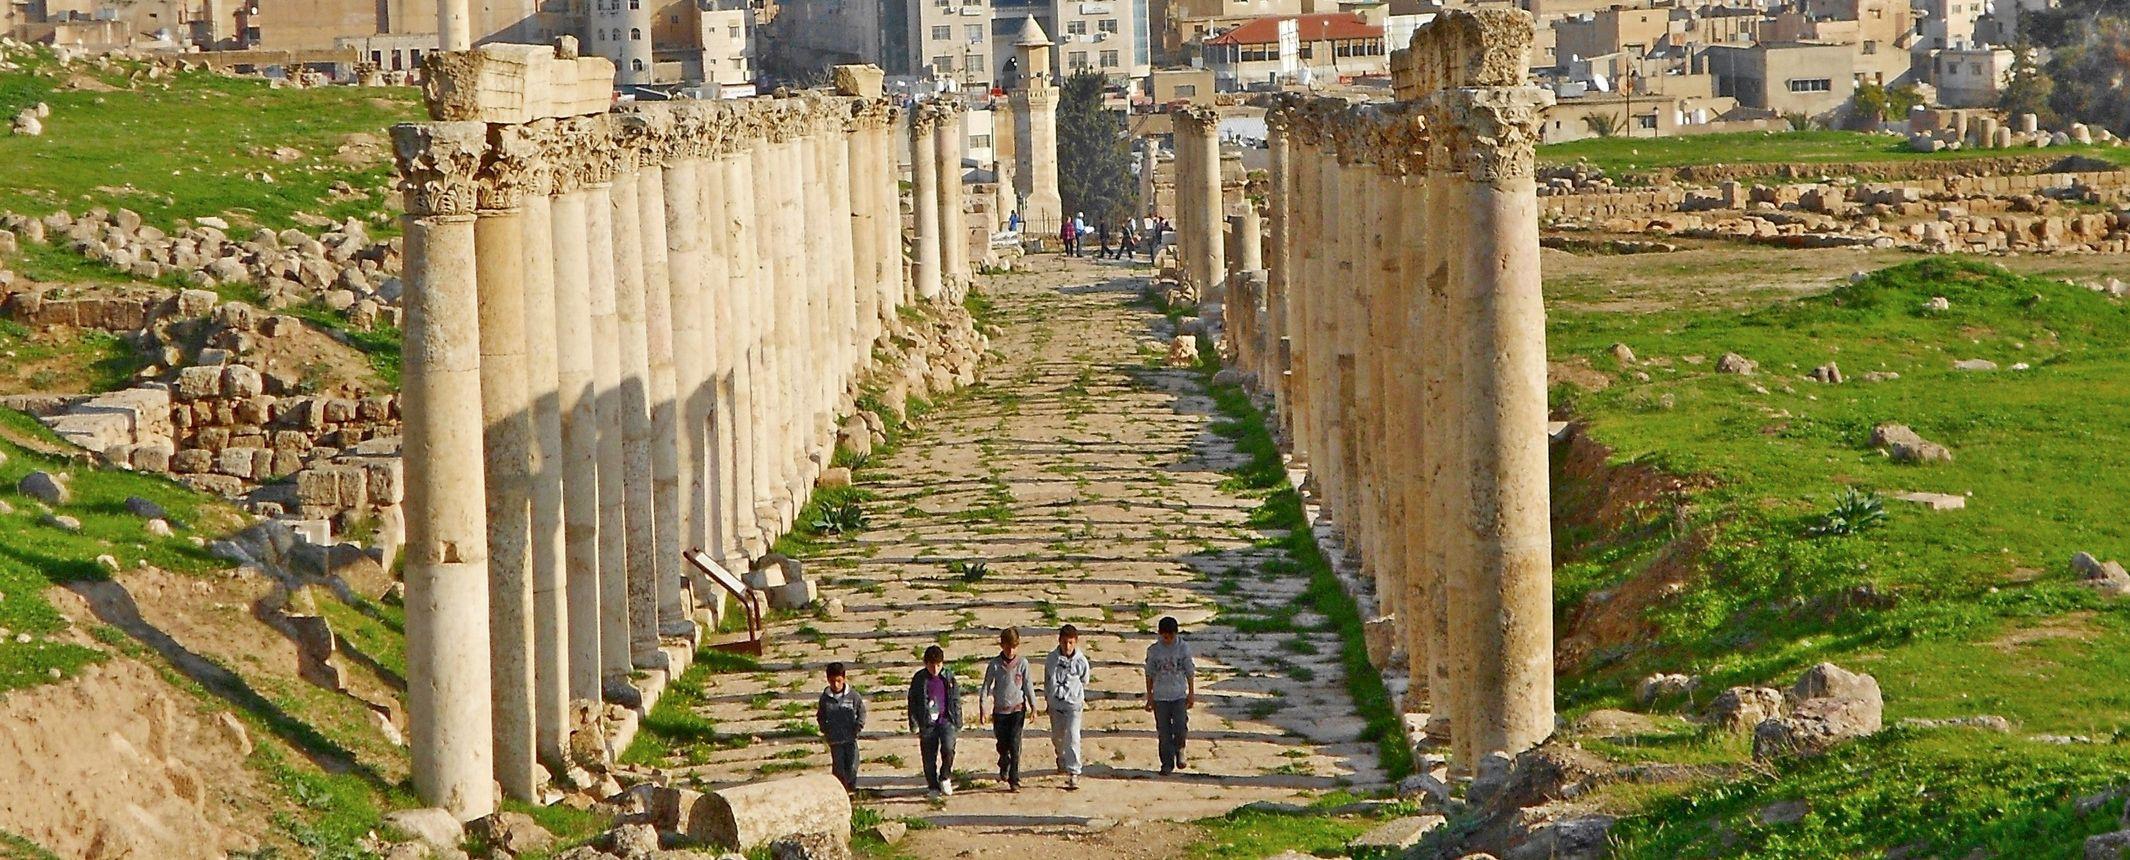 Jordania -  Petra, Mar Muerto y Wadi Rum 8 días  - Salida especial fin de año